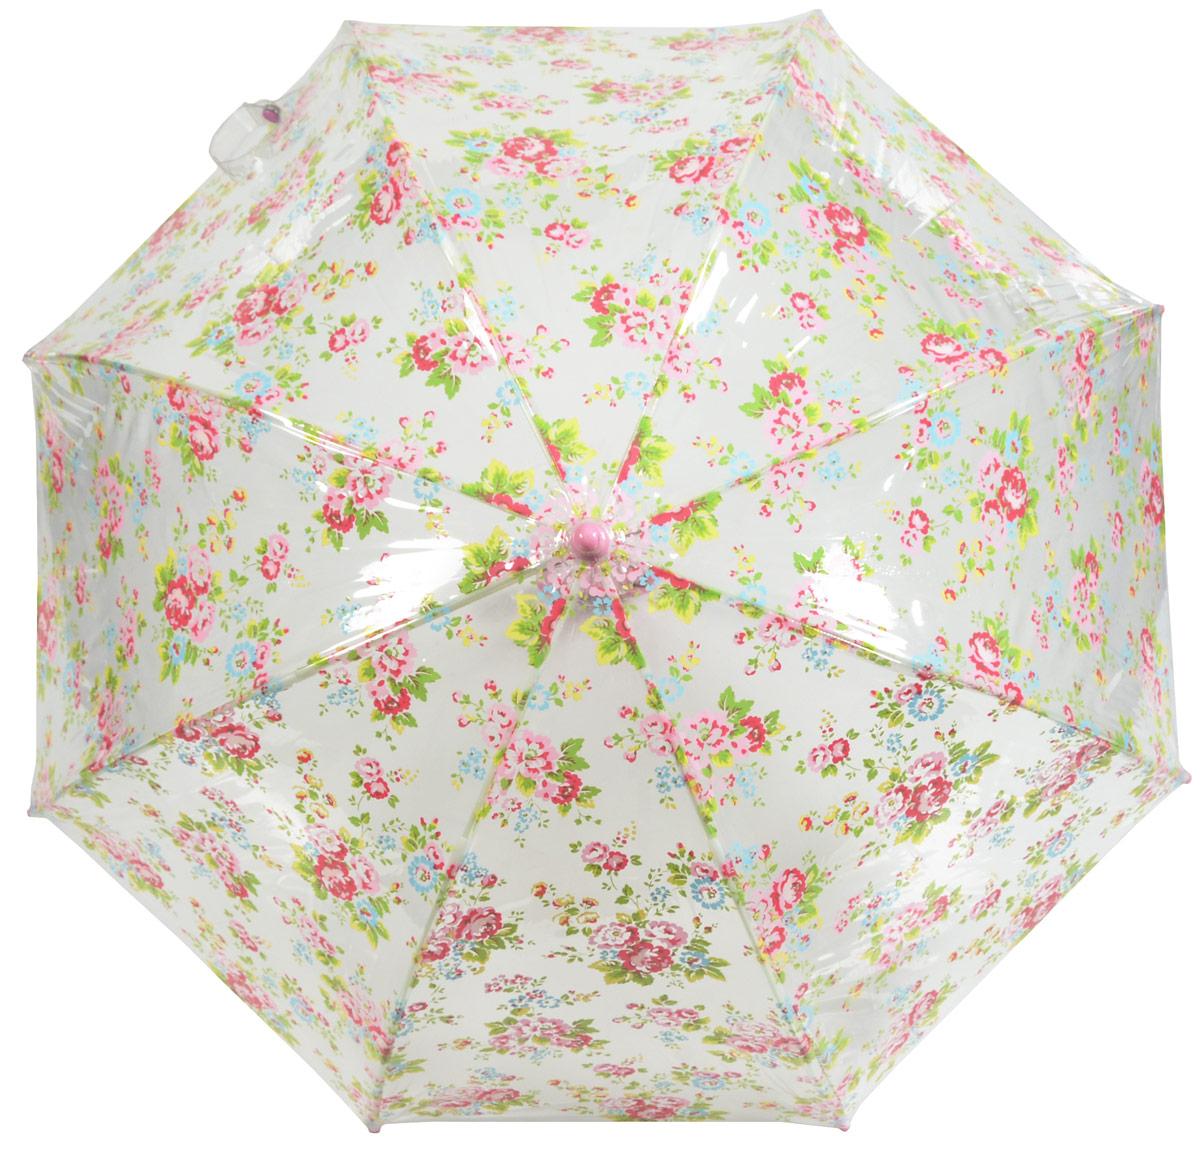 Зонт детский Fulton, расцветка: расцветкаы. C723-2657 SprayFlowersC723-2657 SprayFlowersСимпатичный прозрачный зонтик в форме купола с ярким узором обязательно понравится Вашему ребенку! Специальная безопасная и надежная технология открывания и закрывания. Модная форма купола. Зонт отлично защищает от дождя, и при этом он абсолютно прозрачен. Прочный ветроустойчивый каркас из фибергласса. Длина в сложенном виде 68,5 см, диаметр купола 65 см Cath Kidston для Фултон... Элегантные очень запоминающиеся узоры никогда не выйдут из моды!